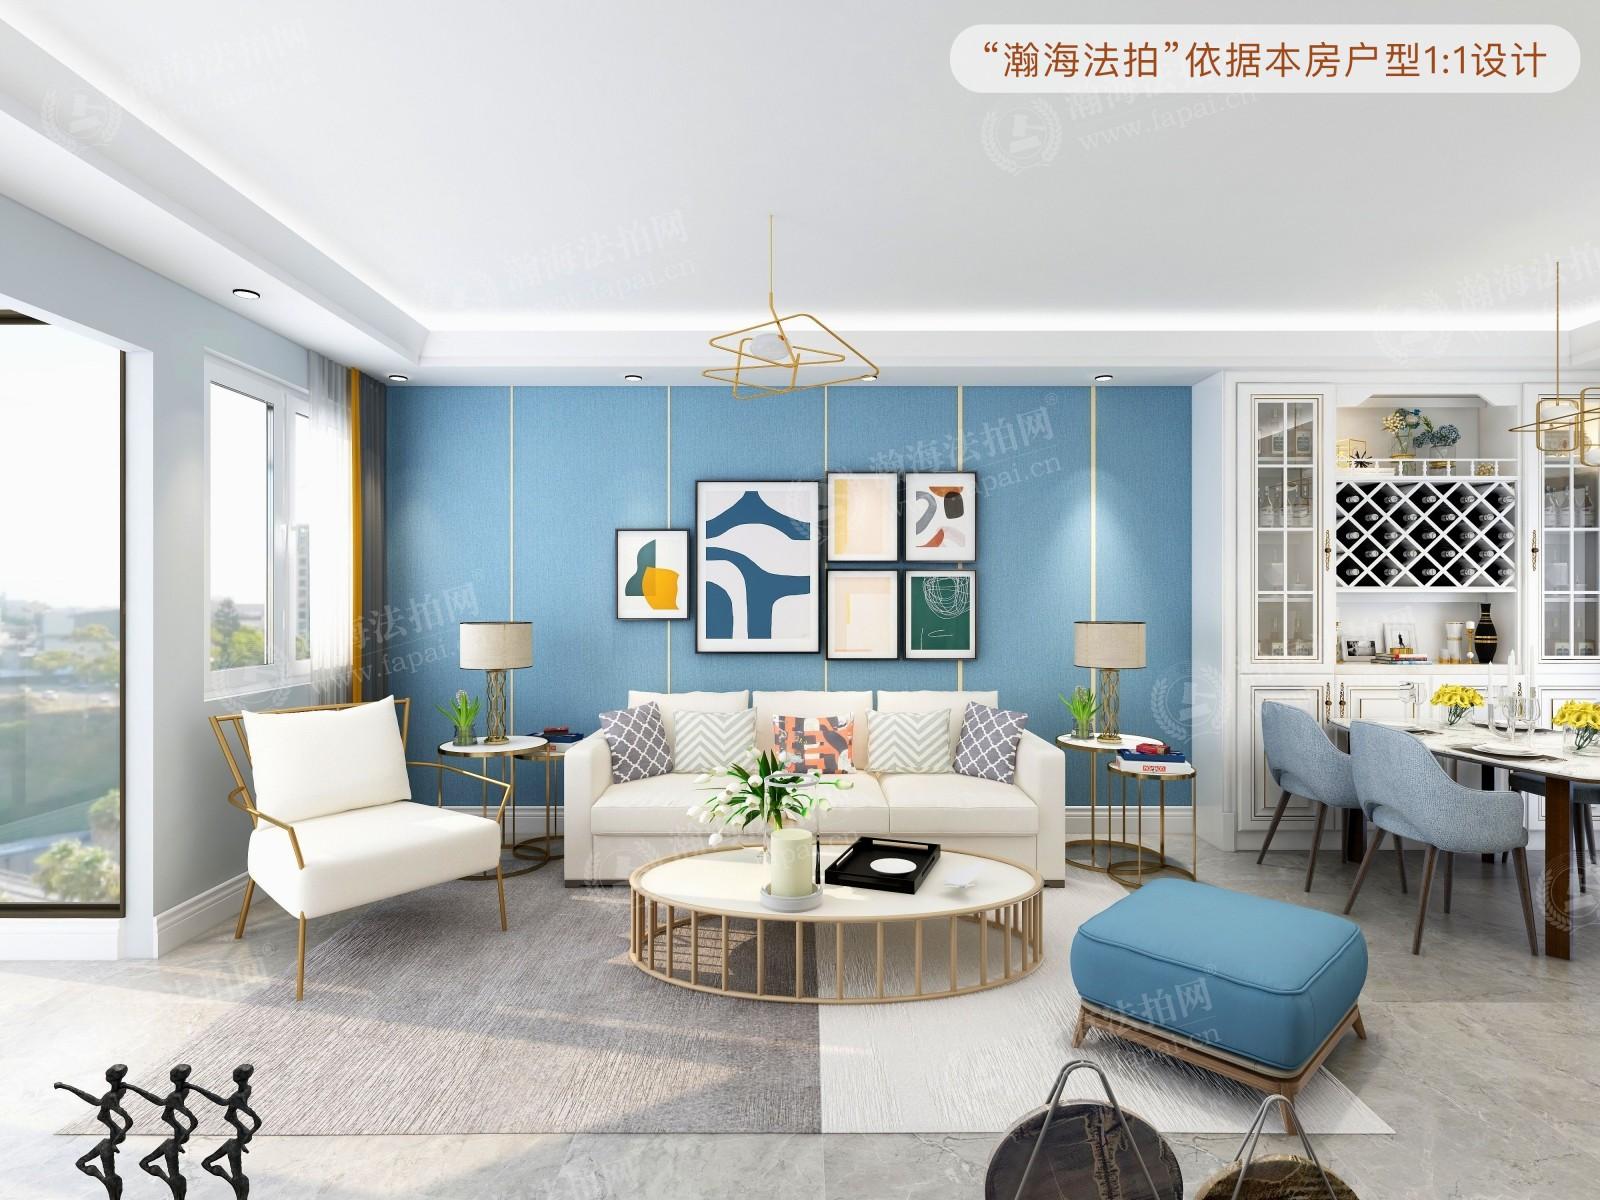 珠江帝景B区201号楼1201室